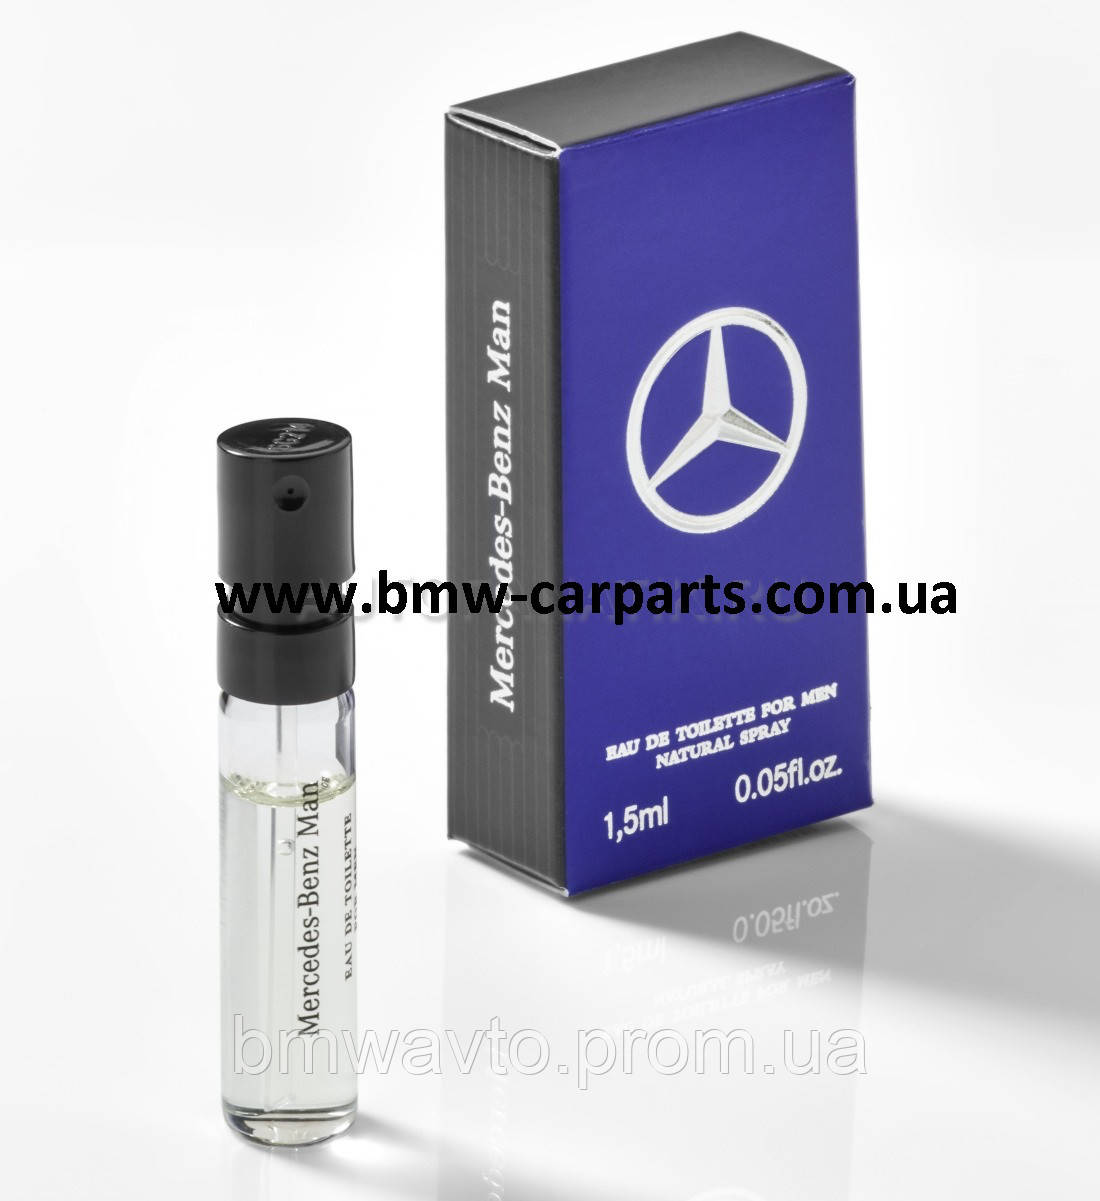 Пробник, мужская туалетная вода Mercedes-Benz Man Fragrances perfume Men, Sample